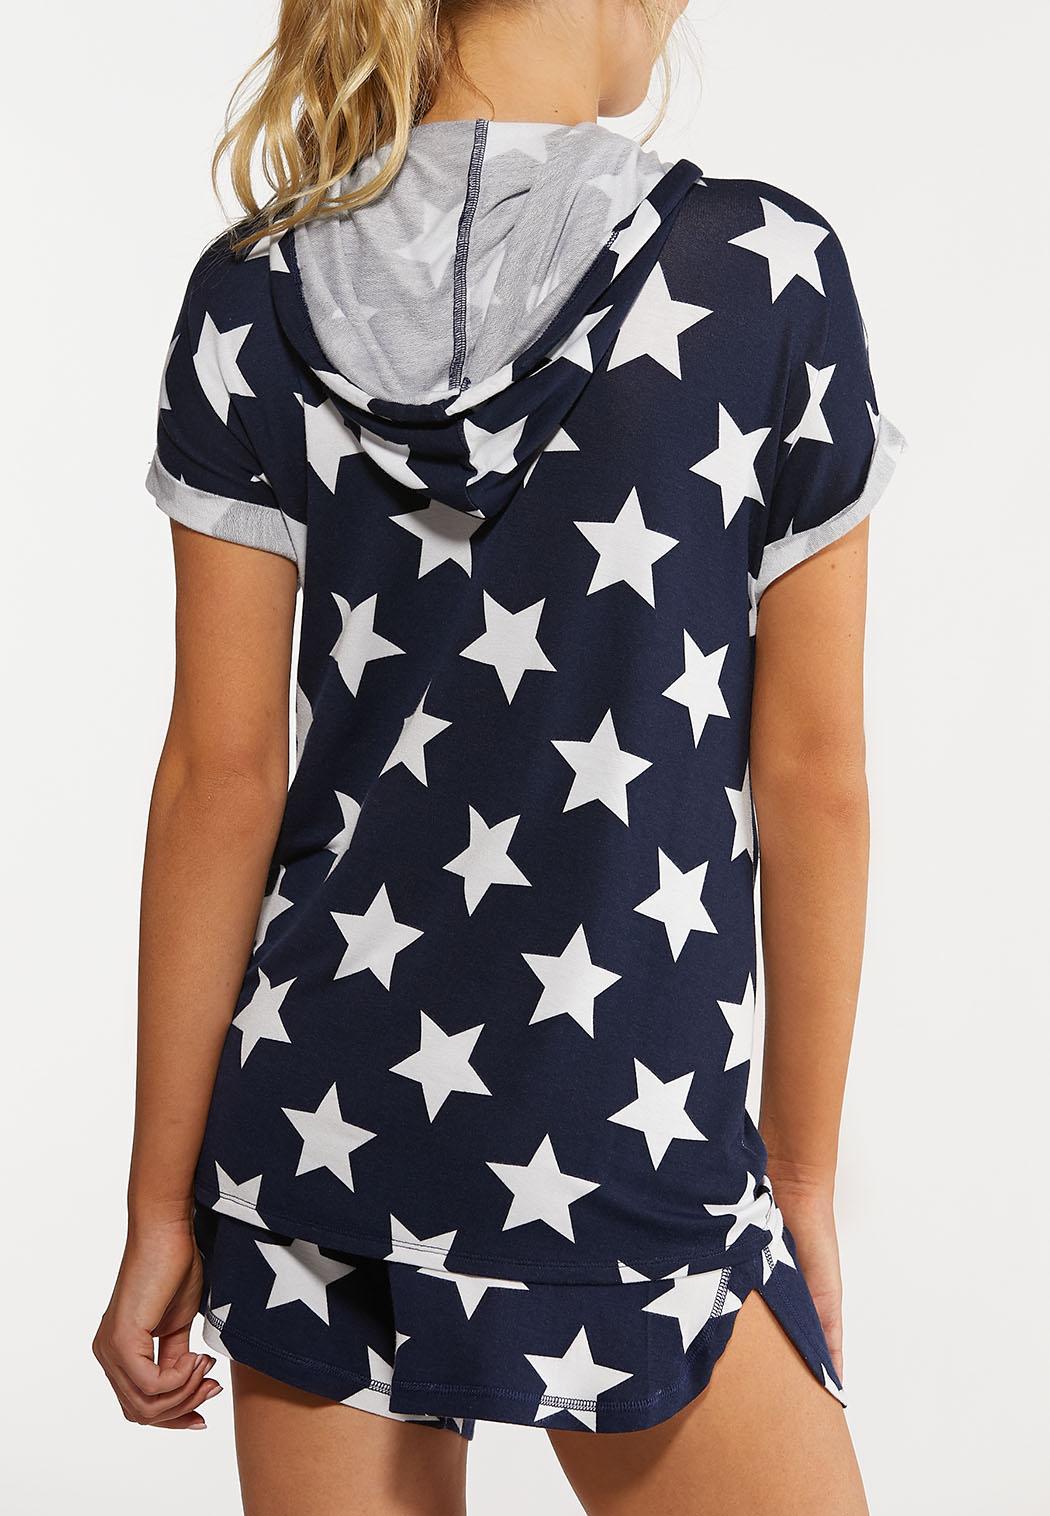 American Star Hooded Top (Item #44272971)